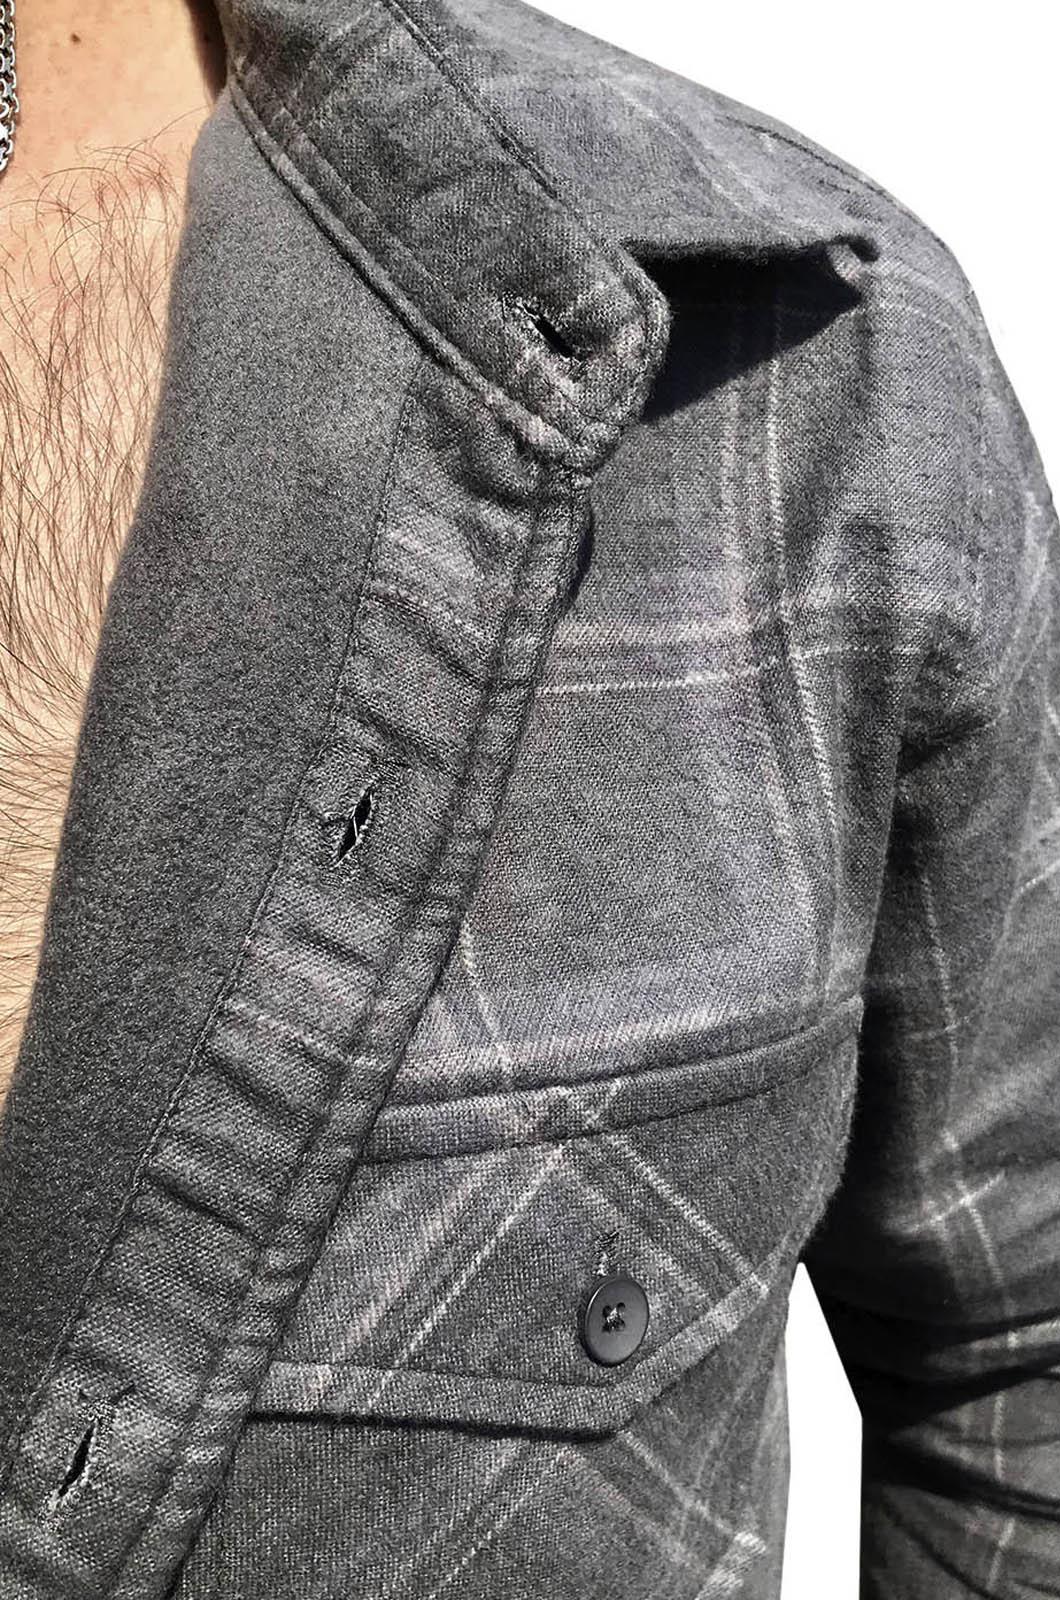 Рубашка с шевроном 67 ОБрСпН купить с доставкой